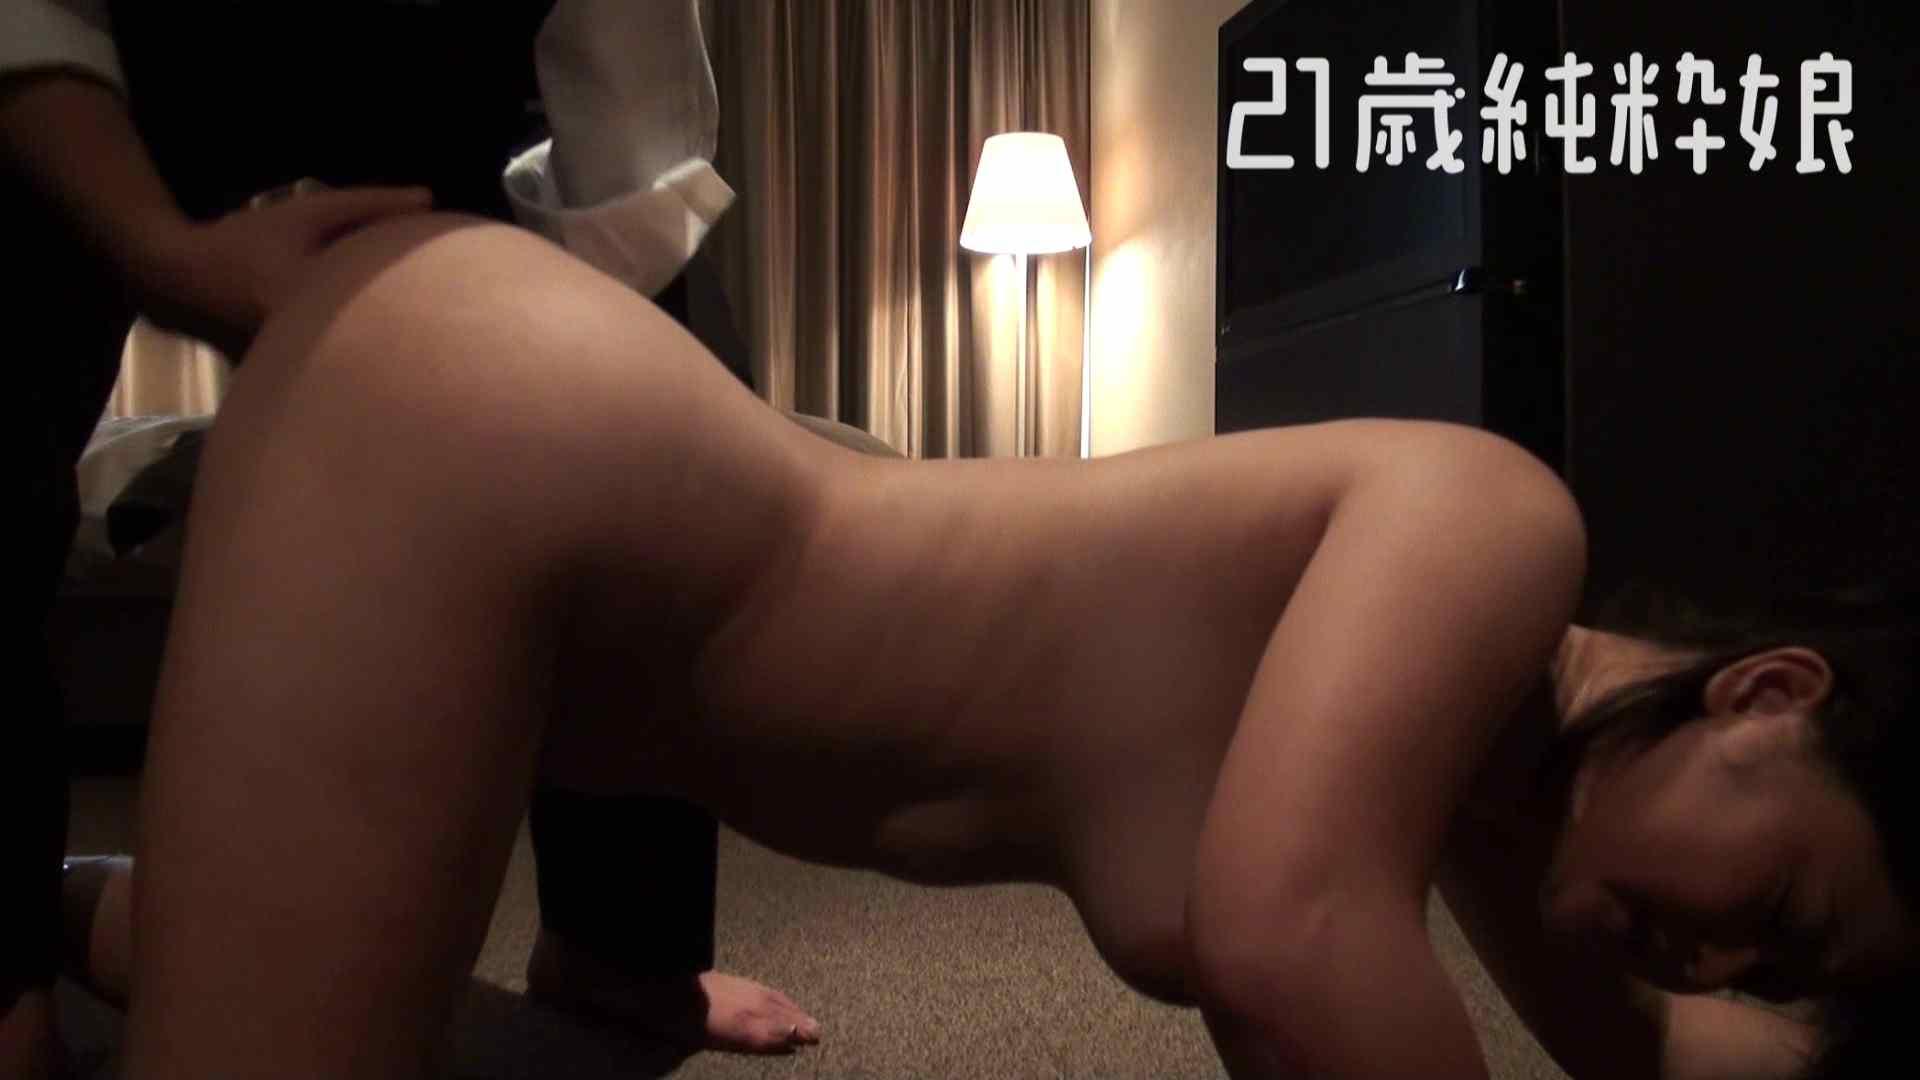 上京したばかりのGカップ21歳純粋嬢を都合の良い女にしてみた2 中出し   全裸  50pic 31